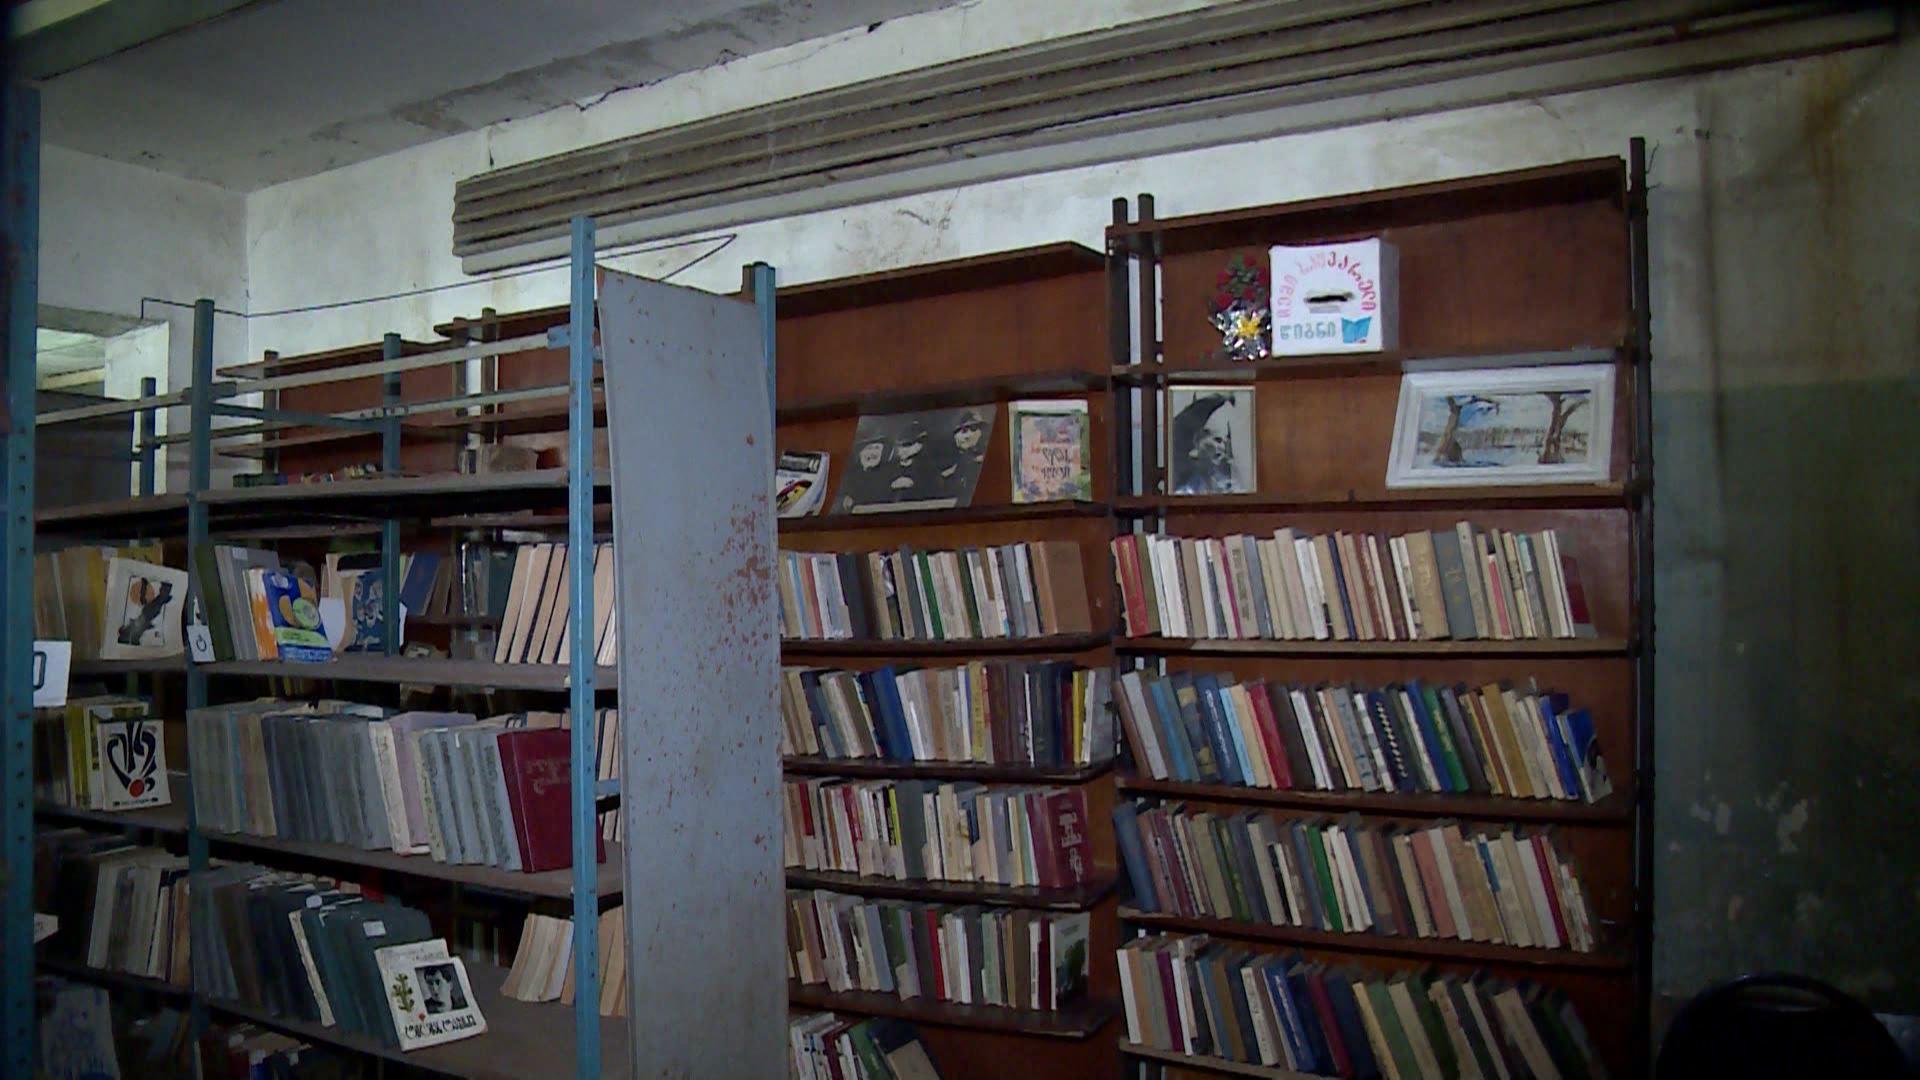 ქობულეთის ბიბლიოთეკაში წიგნებისთვის შესაფერის პირობებს ითხოვენ